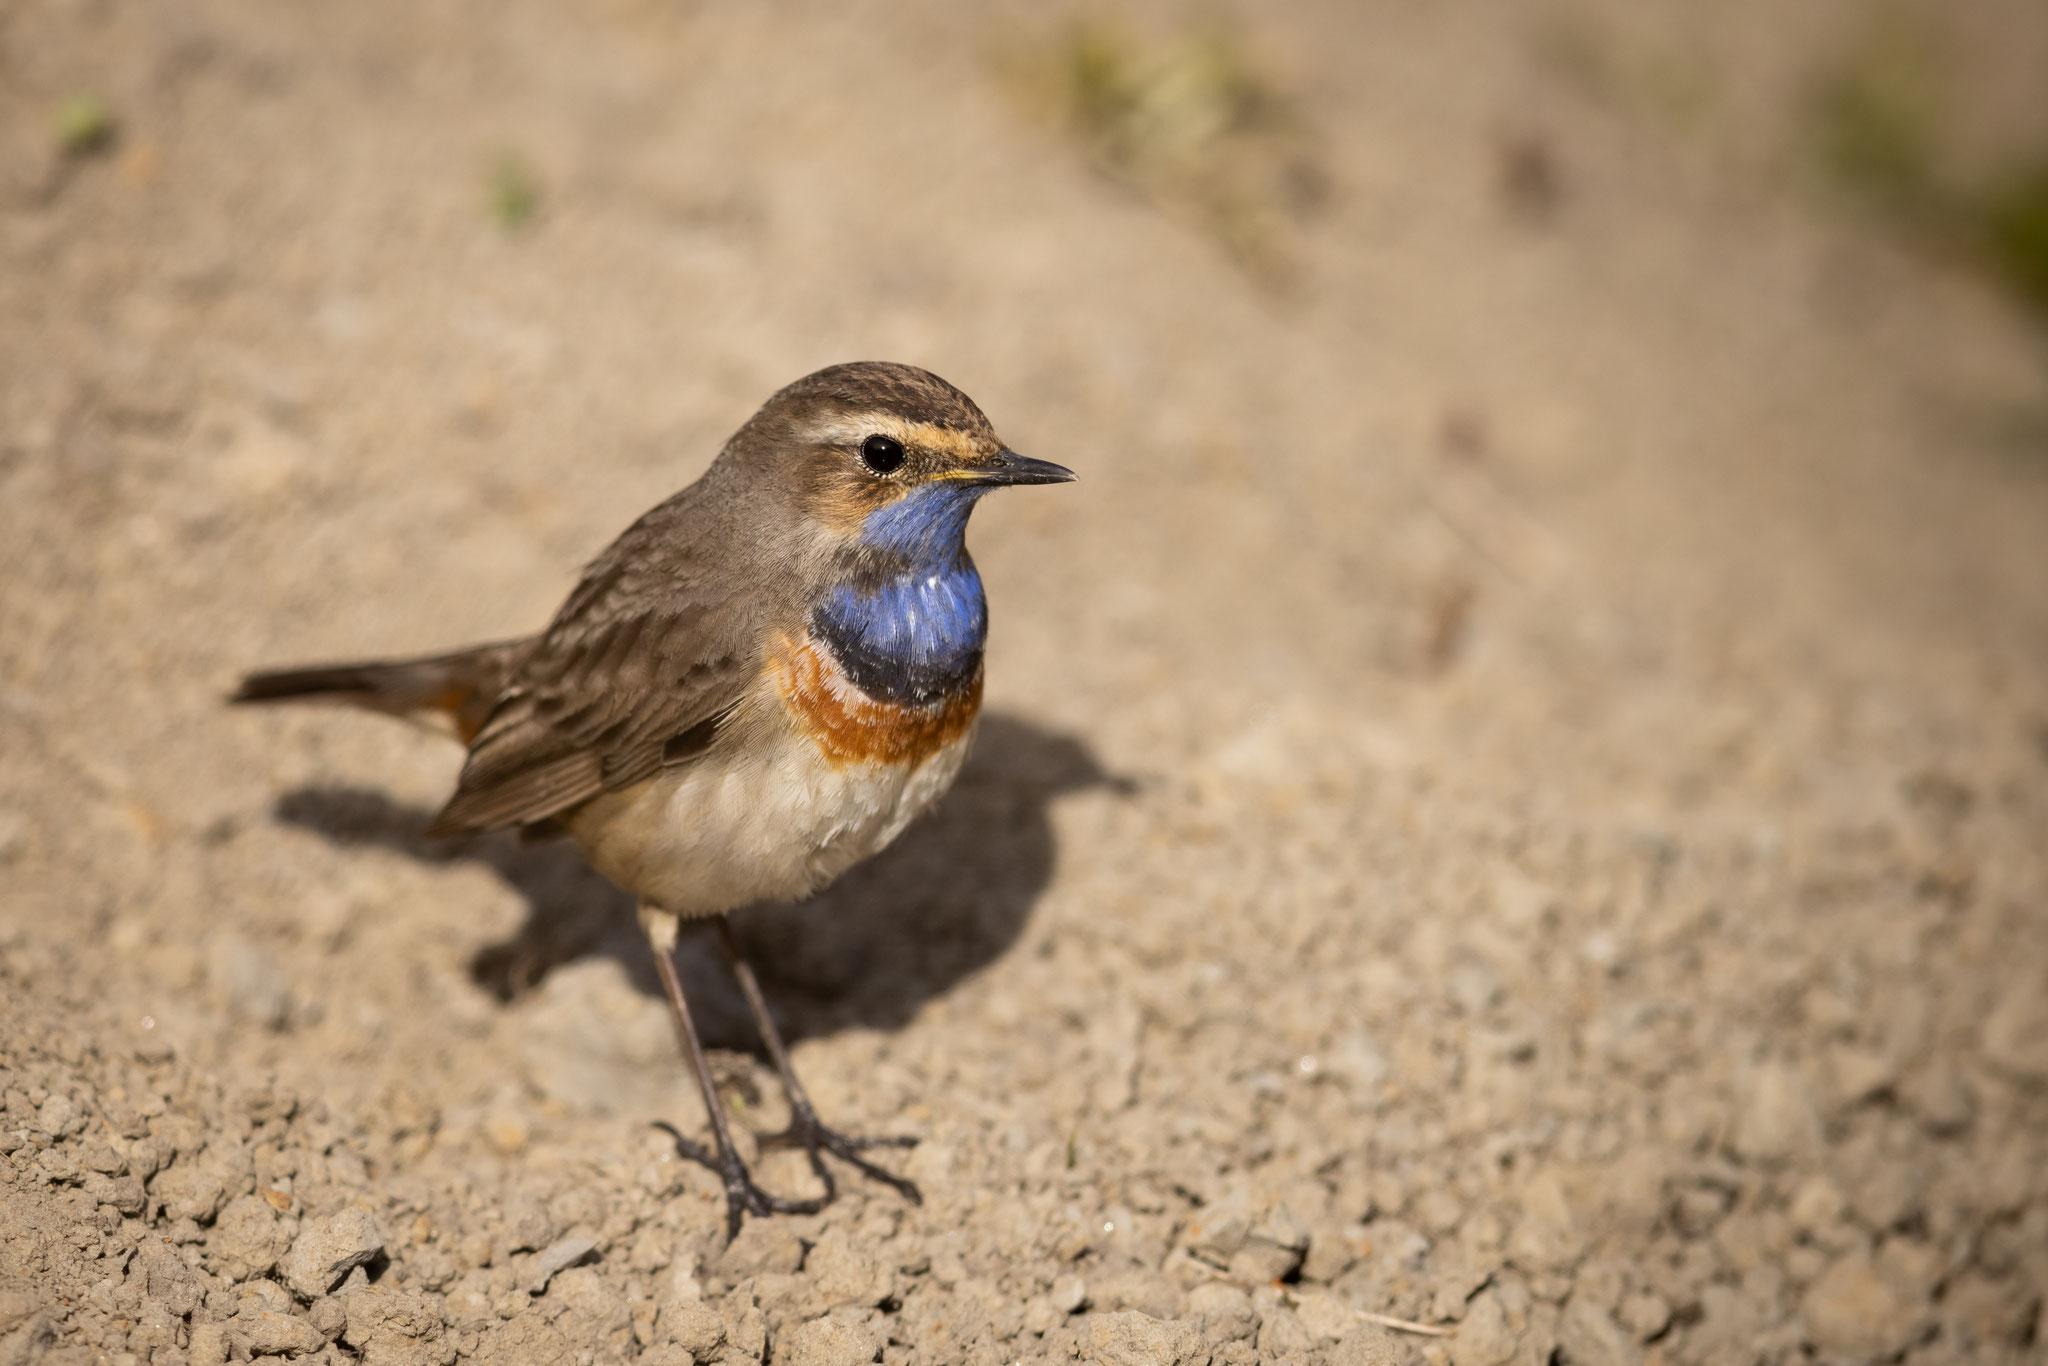 An und für sich ist das Blaukehlchen ein Bodenbewohner, wo es sich seine Nahrung sucht